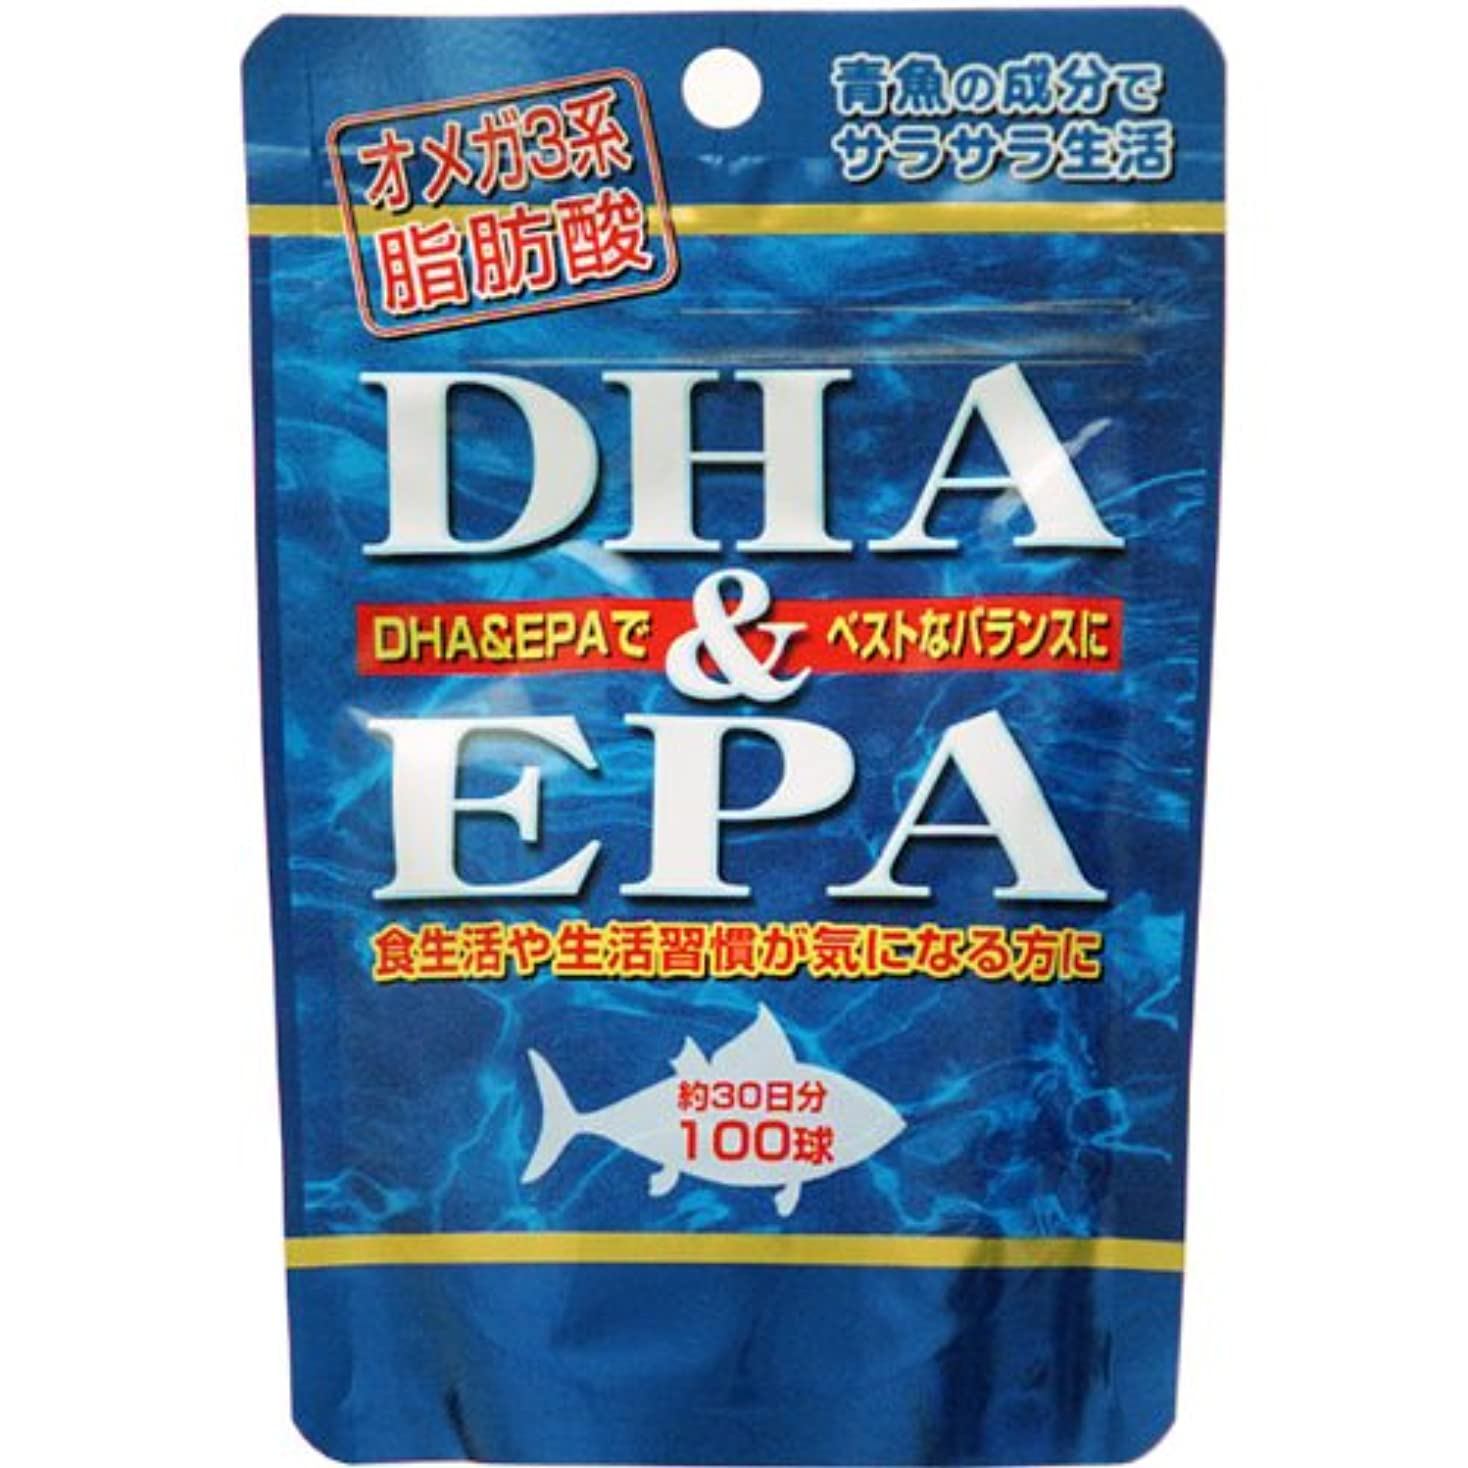 純度オーガニック禁止するDHA(ドコサヘキサエン酸)&EPA(エイコサペンタエン酸)×6